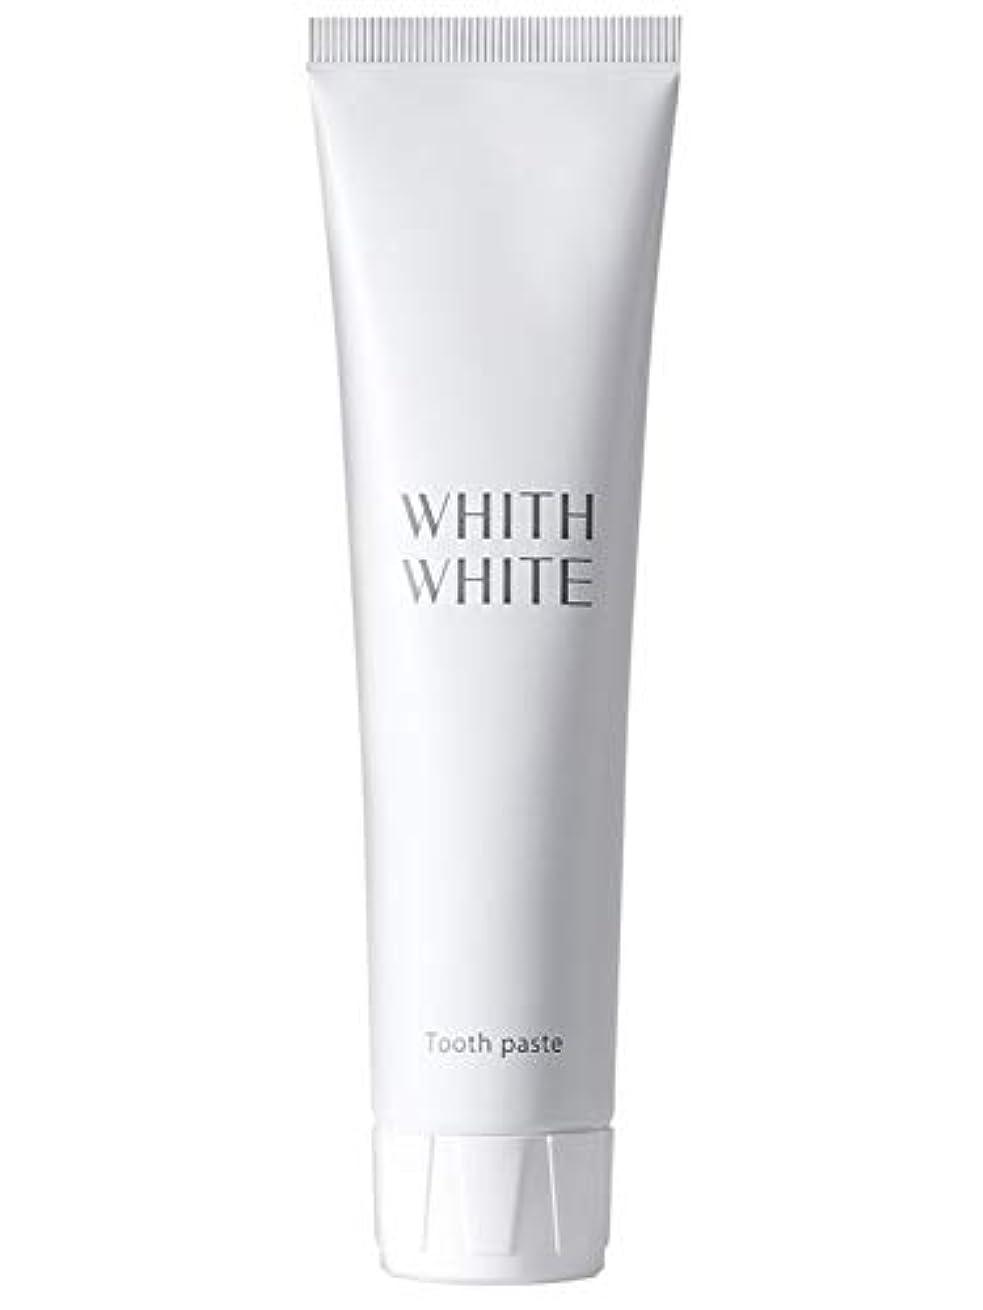 あごモードウイルス歯磨き粉 ホワイトニング フィス ホワイト 医薬部外品 薬用 歯磨き 【 歯周病 口臭予防 フッ素 キシリトール 配合 】「 歯 を 白く する はみがき粉 」「 子供 にも使える 大人 こども 日本製 120g 」